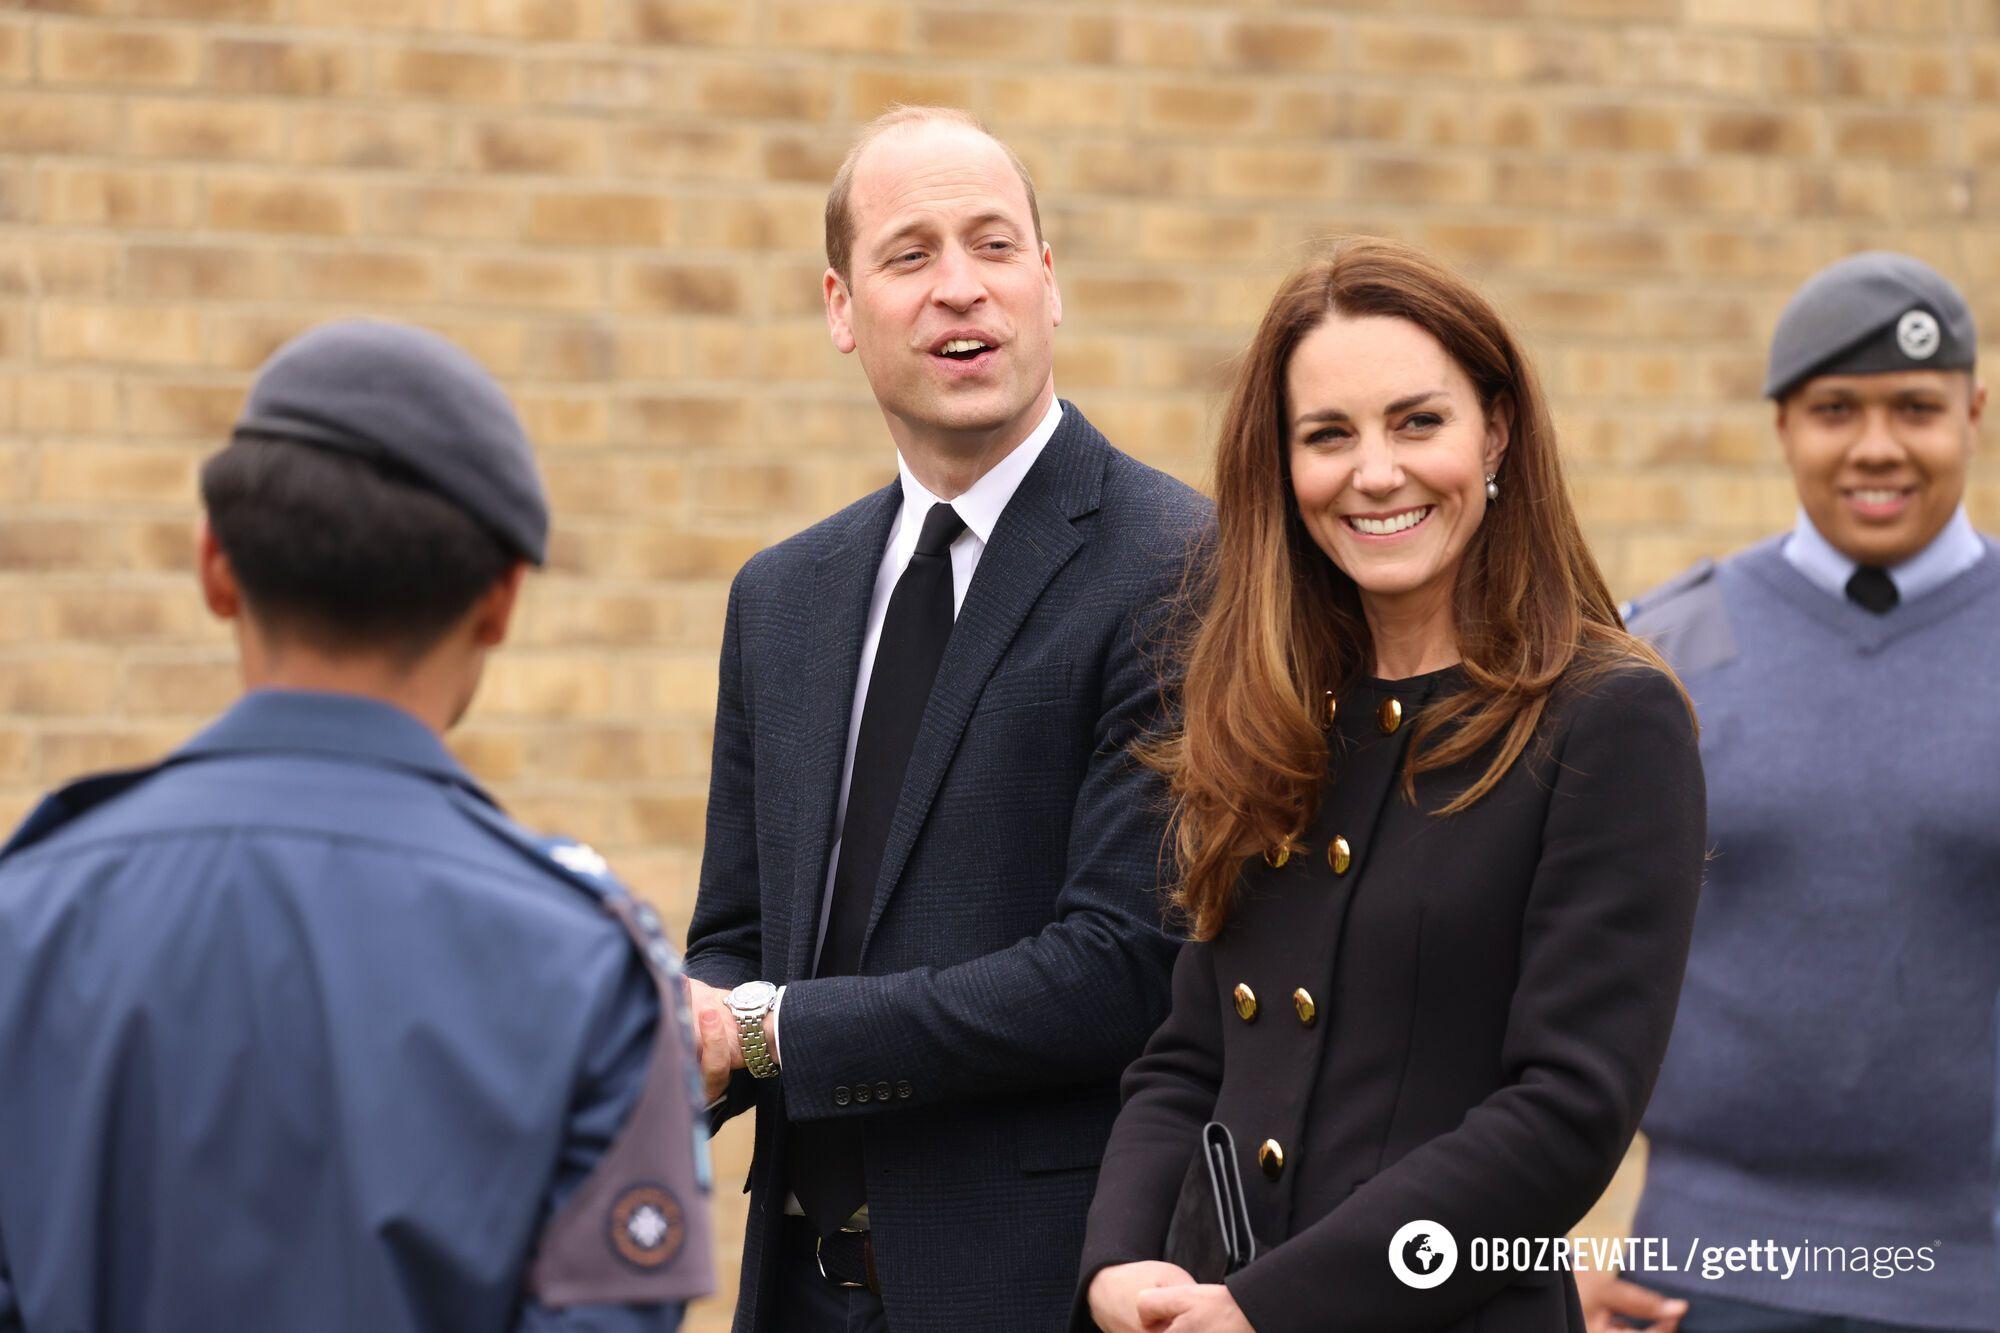 Кейт Миддлтон и принц Уильям познакомилась в 2001 году